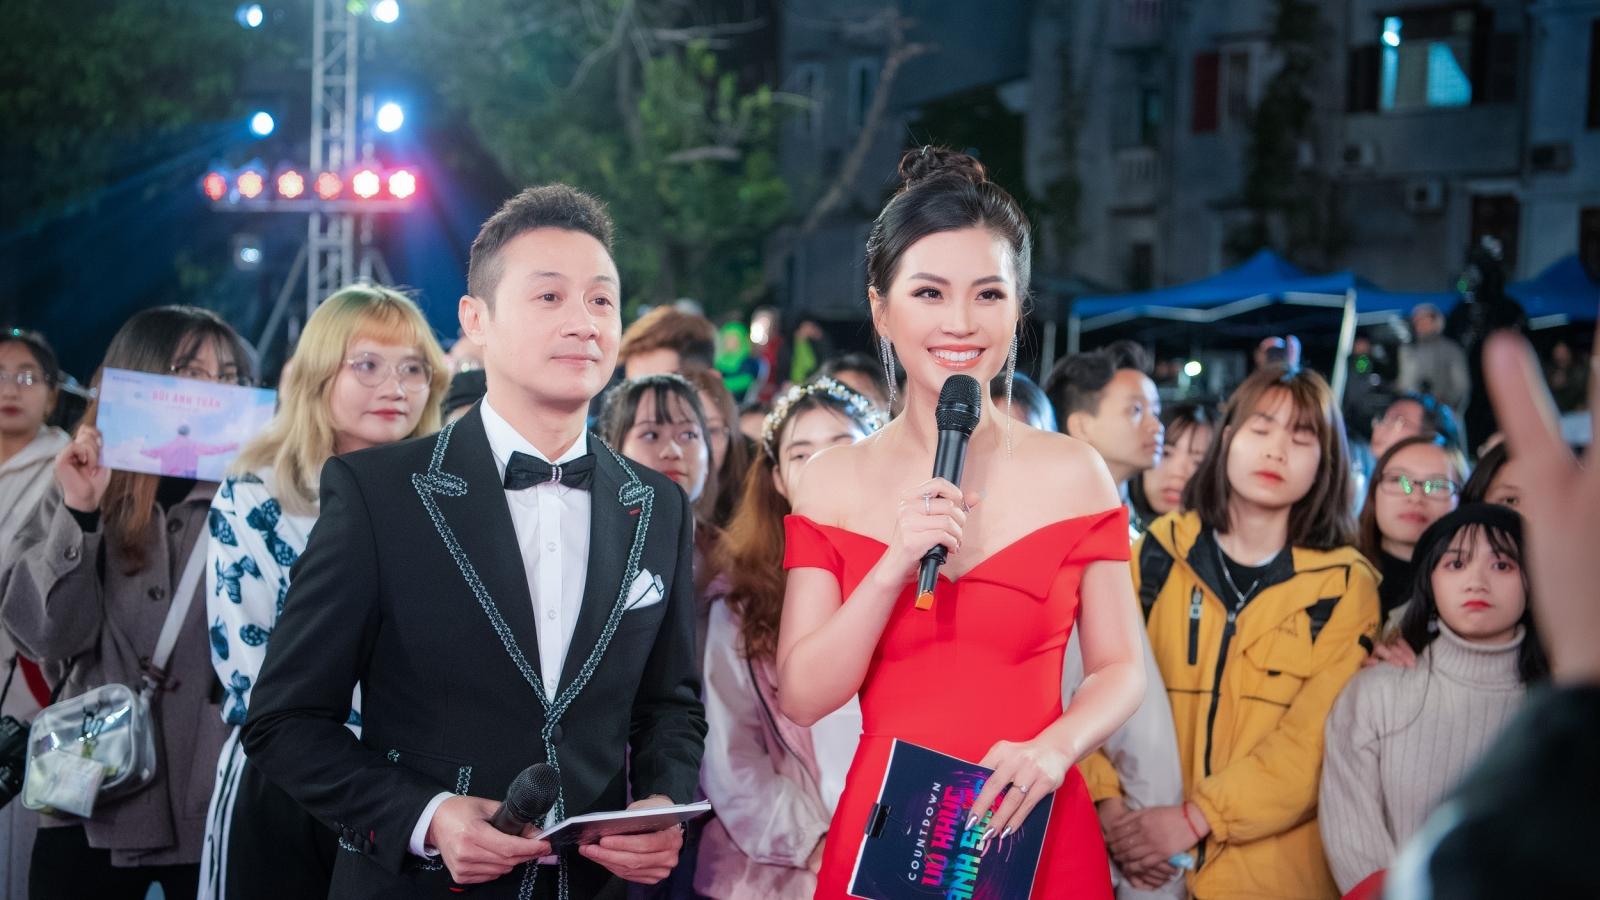 Á hậu Diễm Trang khoe vòng 1 căng đầy, hội ngộ MC Anh Tuấn